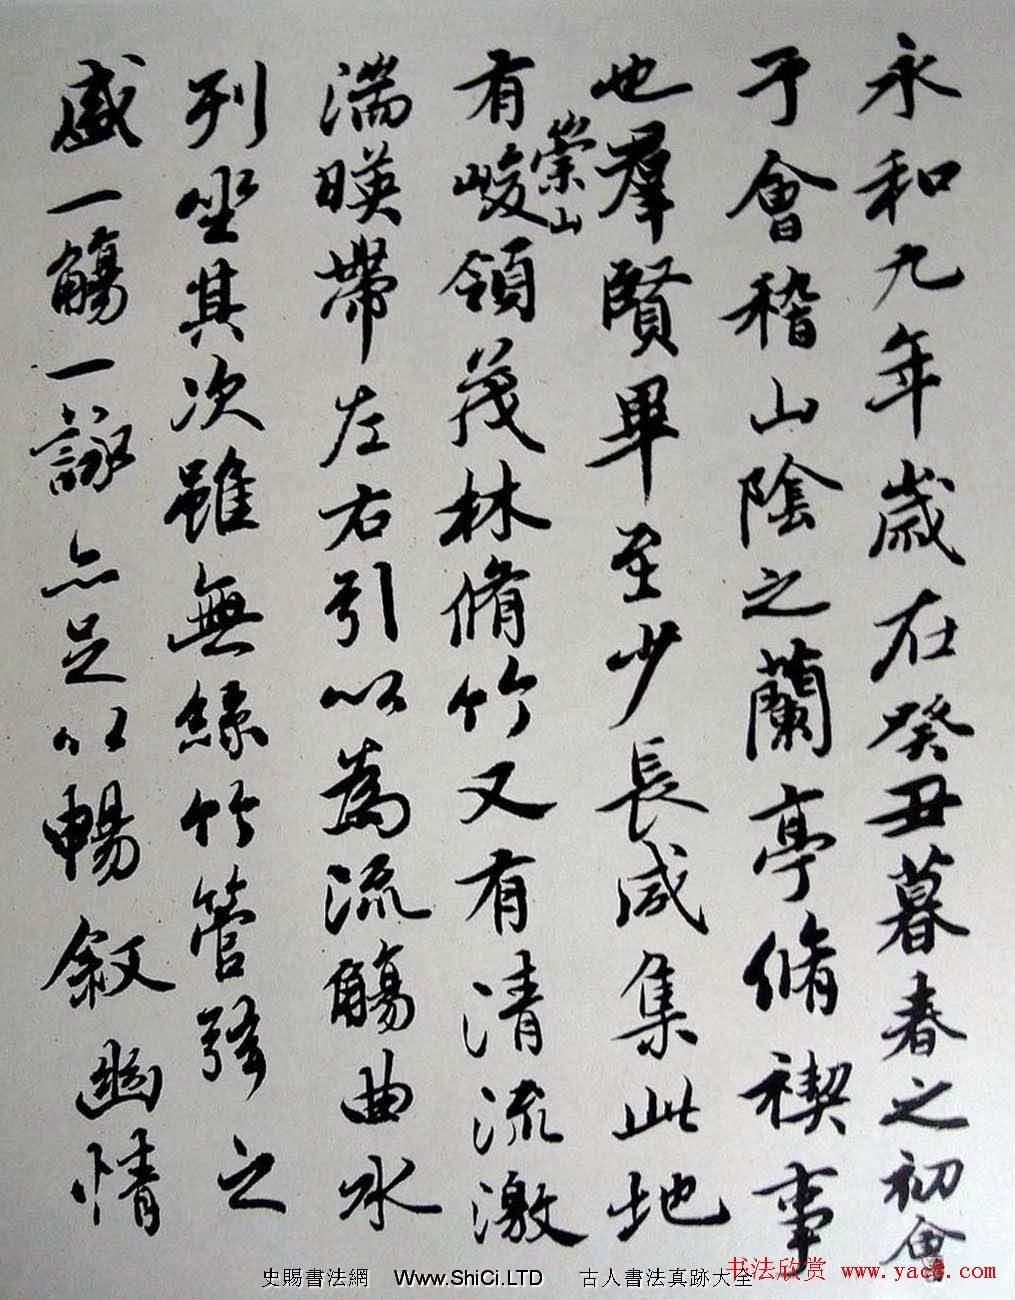 吳玉如行書作品真跡臨《蘭亭序》(共5張圖片)